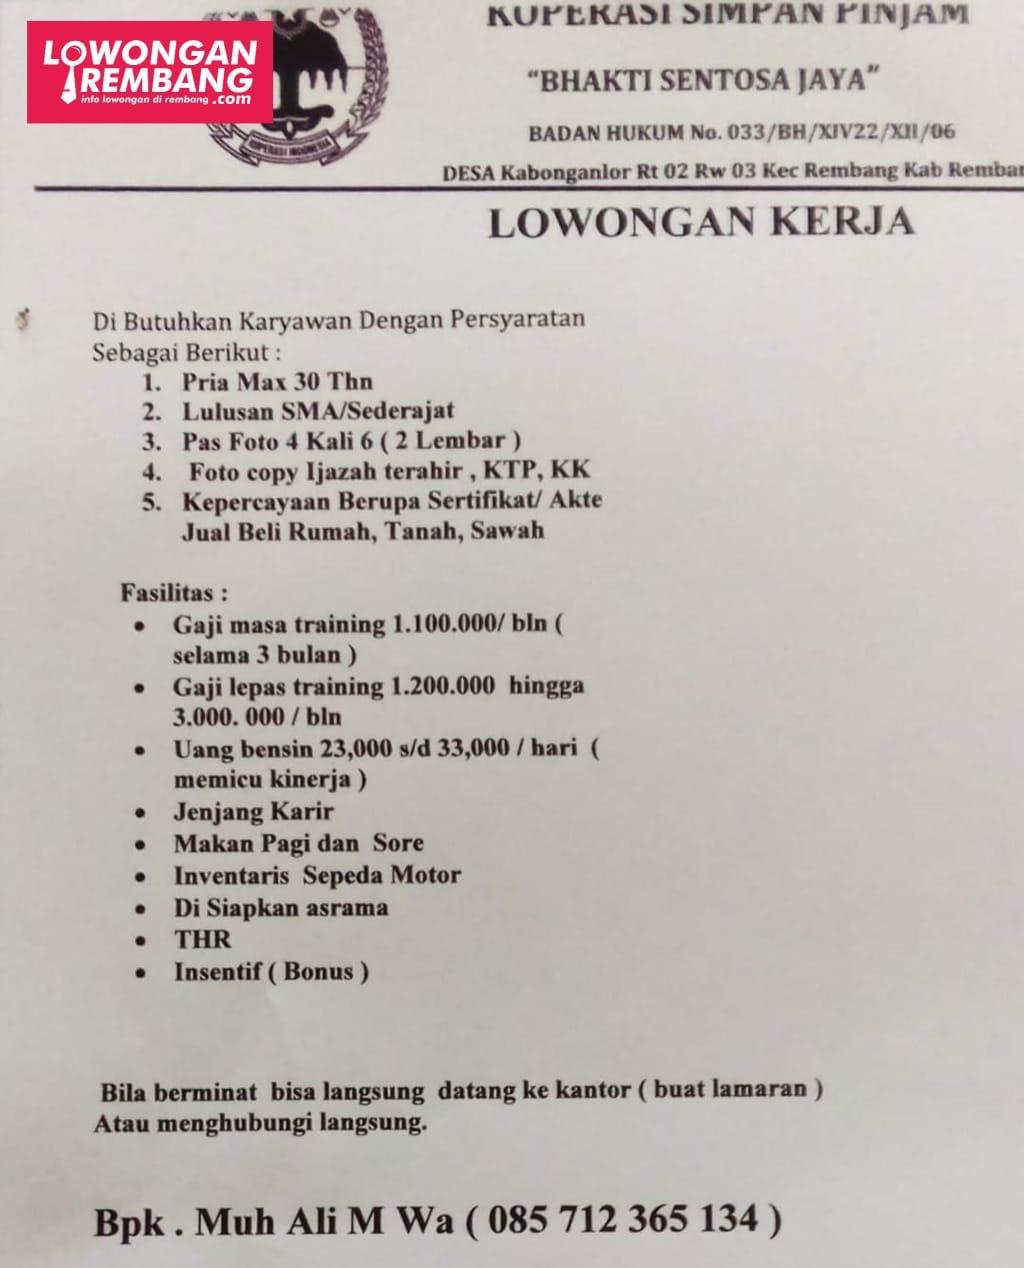 Lowongan Kerja Karyawan Koperasi Ksp Bhakti Sentosa Jaya Rembang Lowongan Rembang